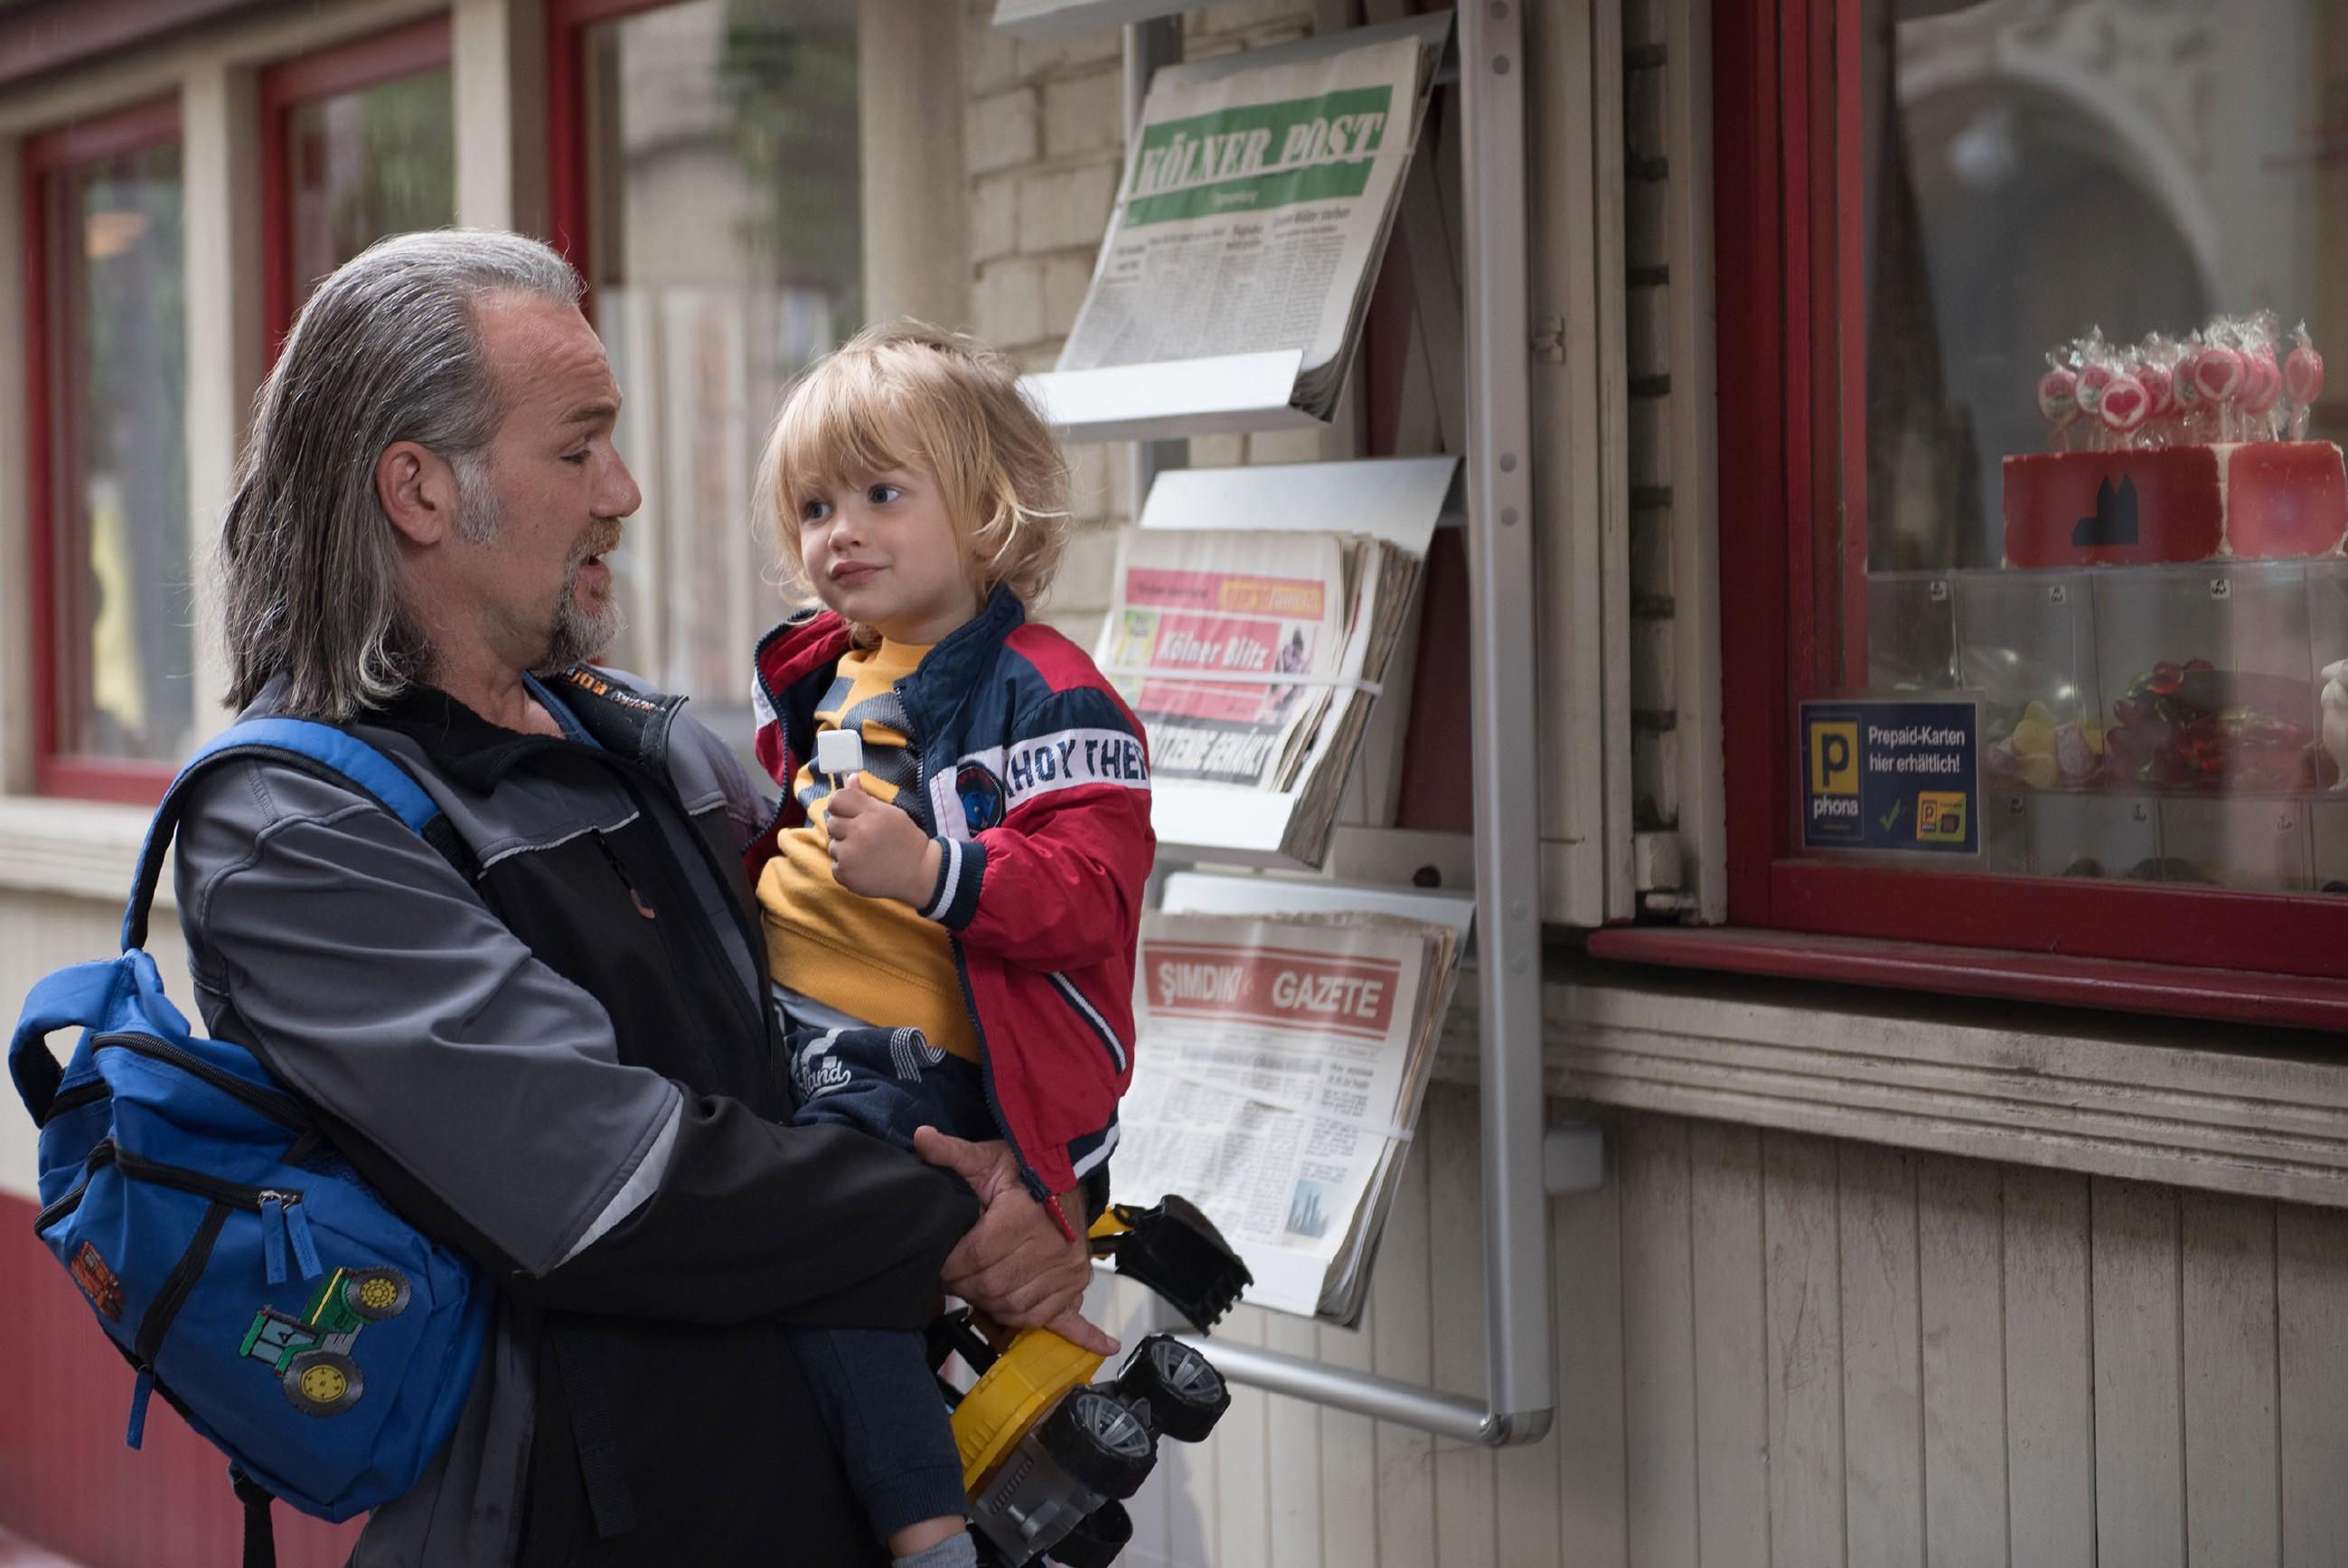 Noah (Finn Luca Cramer, r.) wird von Robert (Luca Maric) aus der Kita abgeholt und fühlt sich in dessen Obhut wohl. (Quelle: RTL / Stefan Behrens)